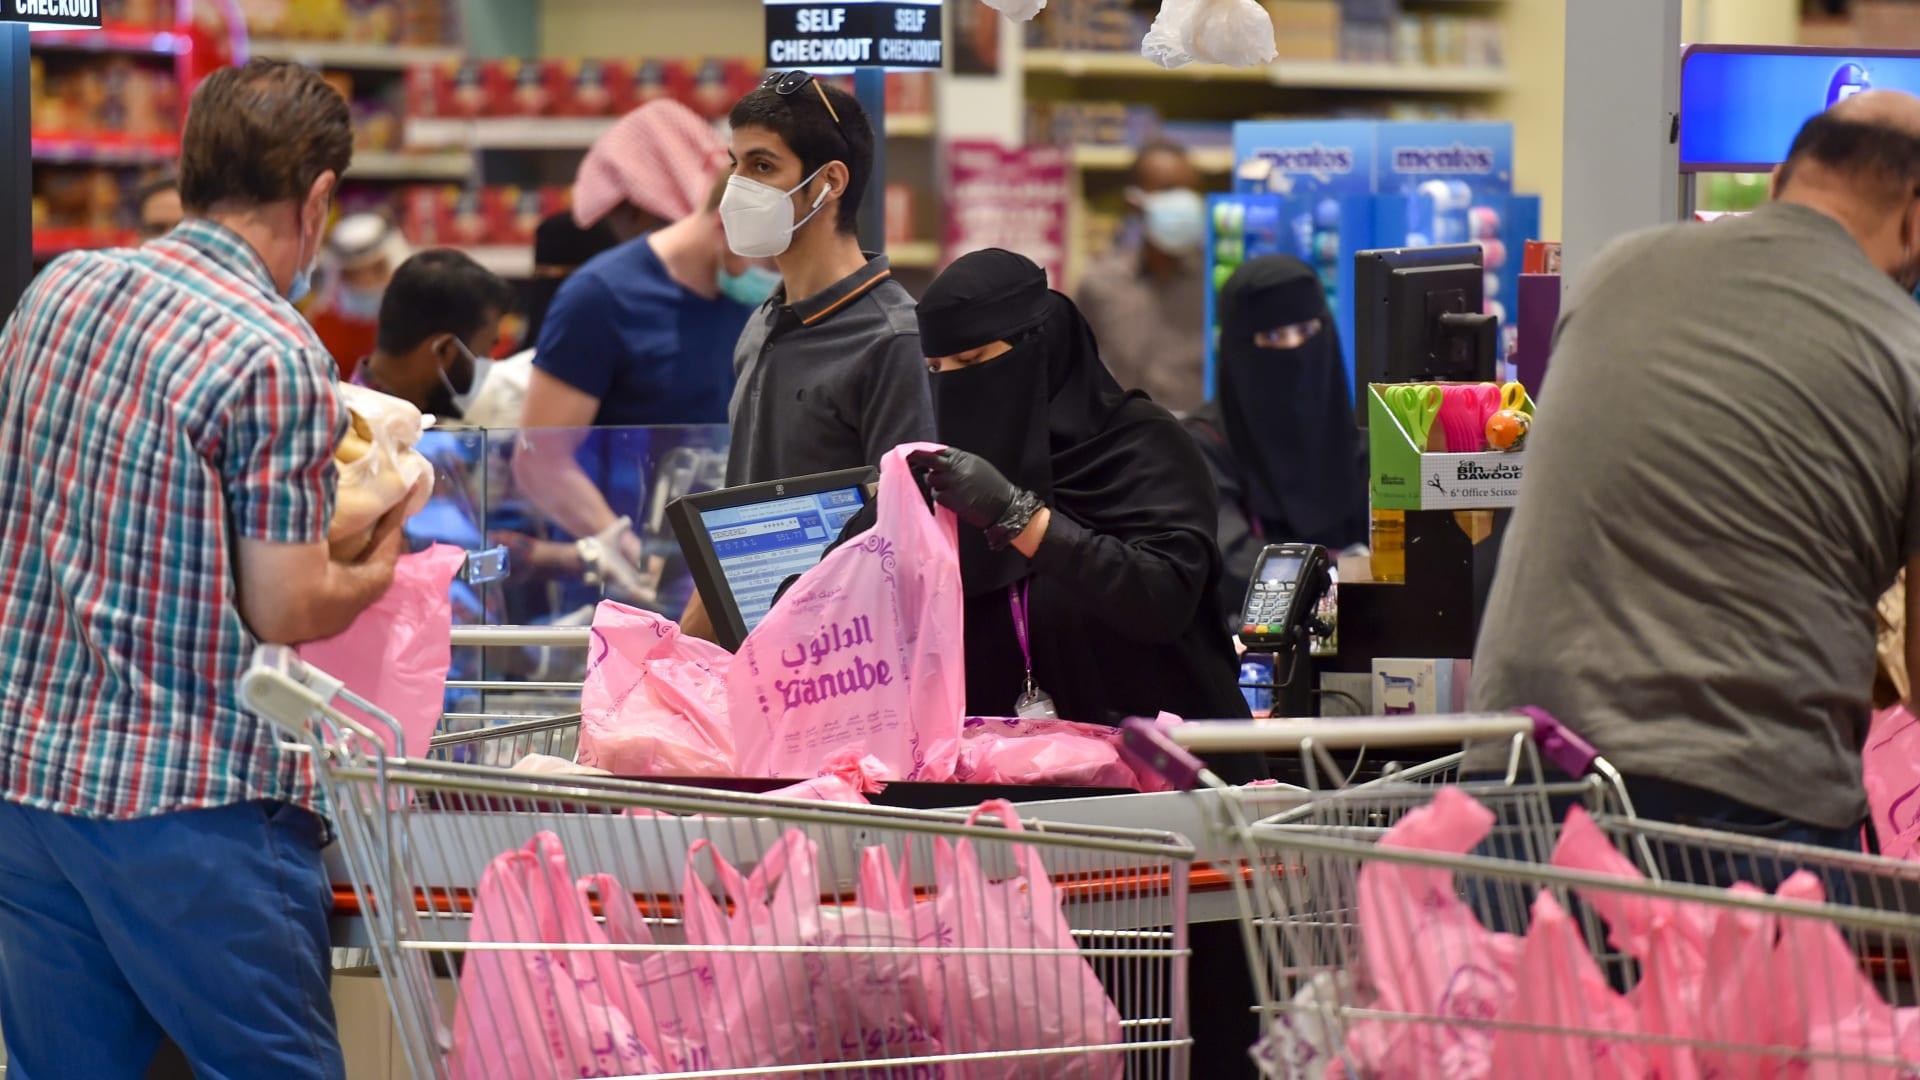 صورة أرشيفية لمتبضعين في السوبر ماركت في الرياض وتظهر علامة الدانوب